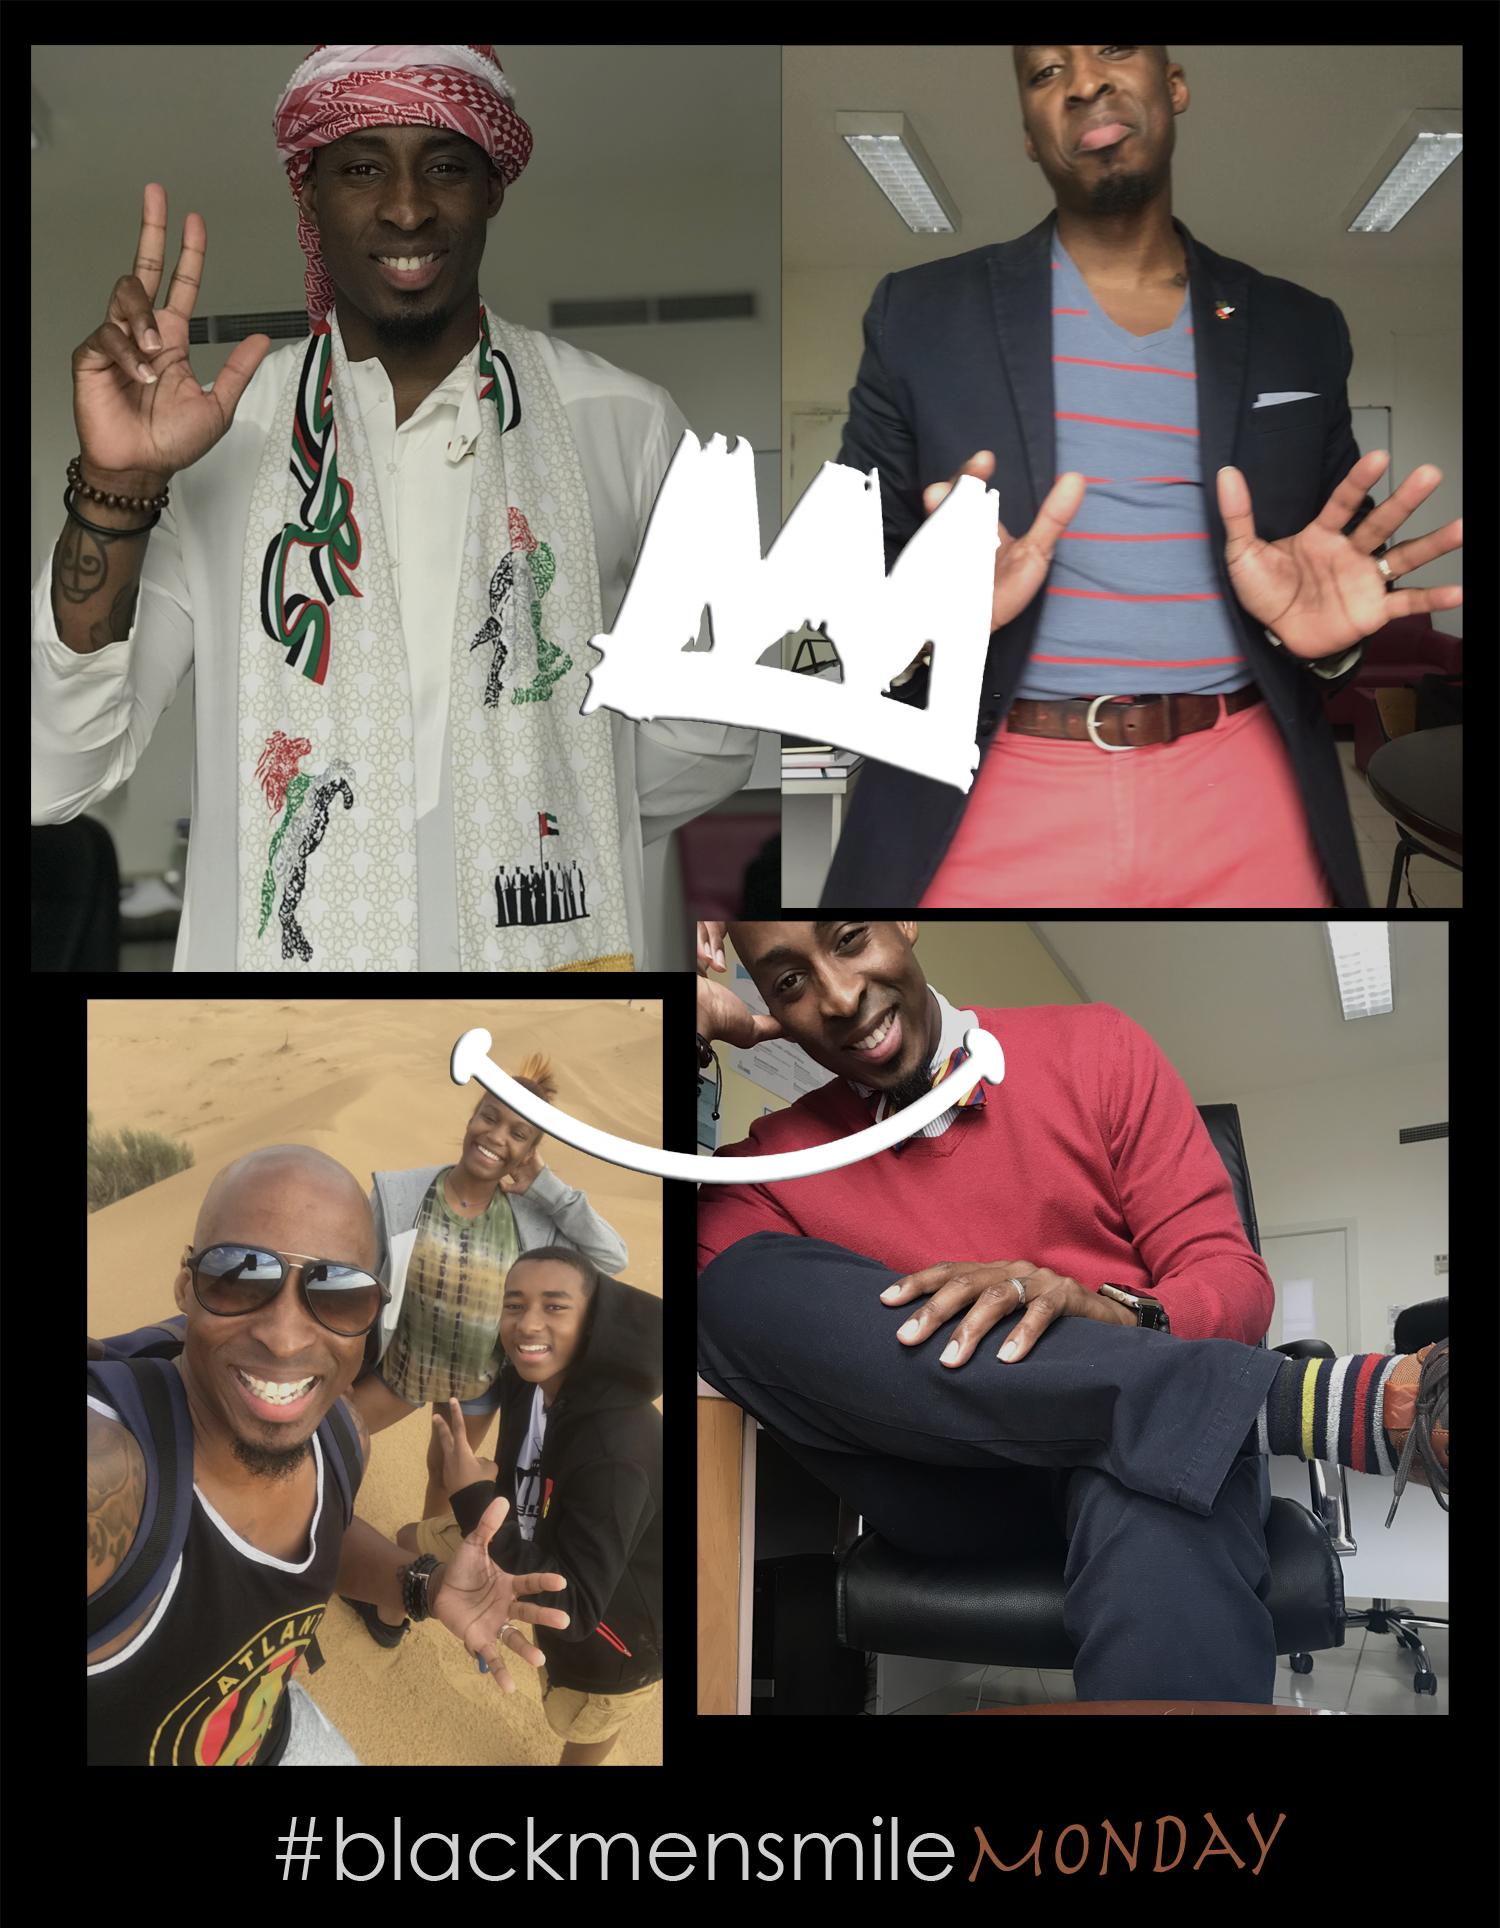 black-men-smile-monday-dubai.jpg